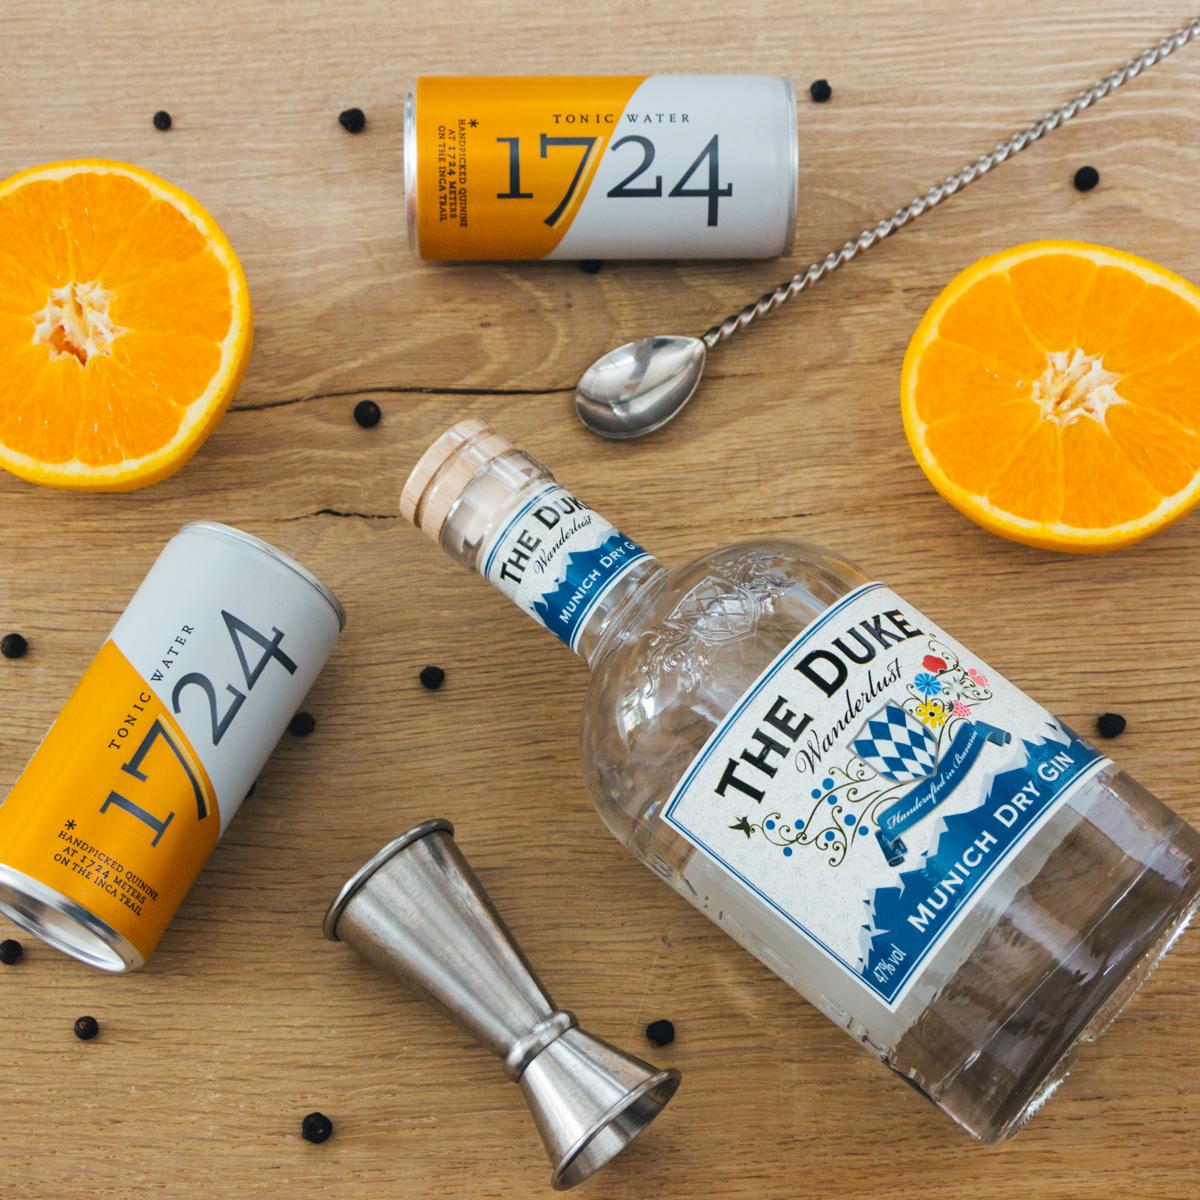 THE DUKE Wanderlust Gin mit einem klassischen Tonic Water